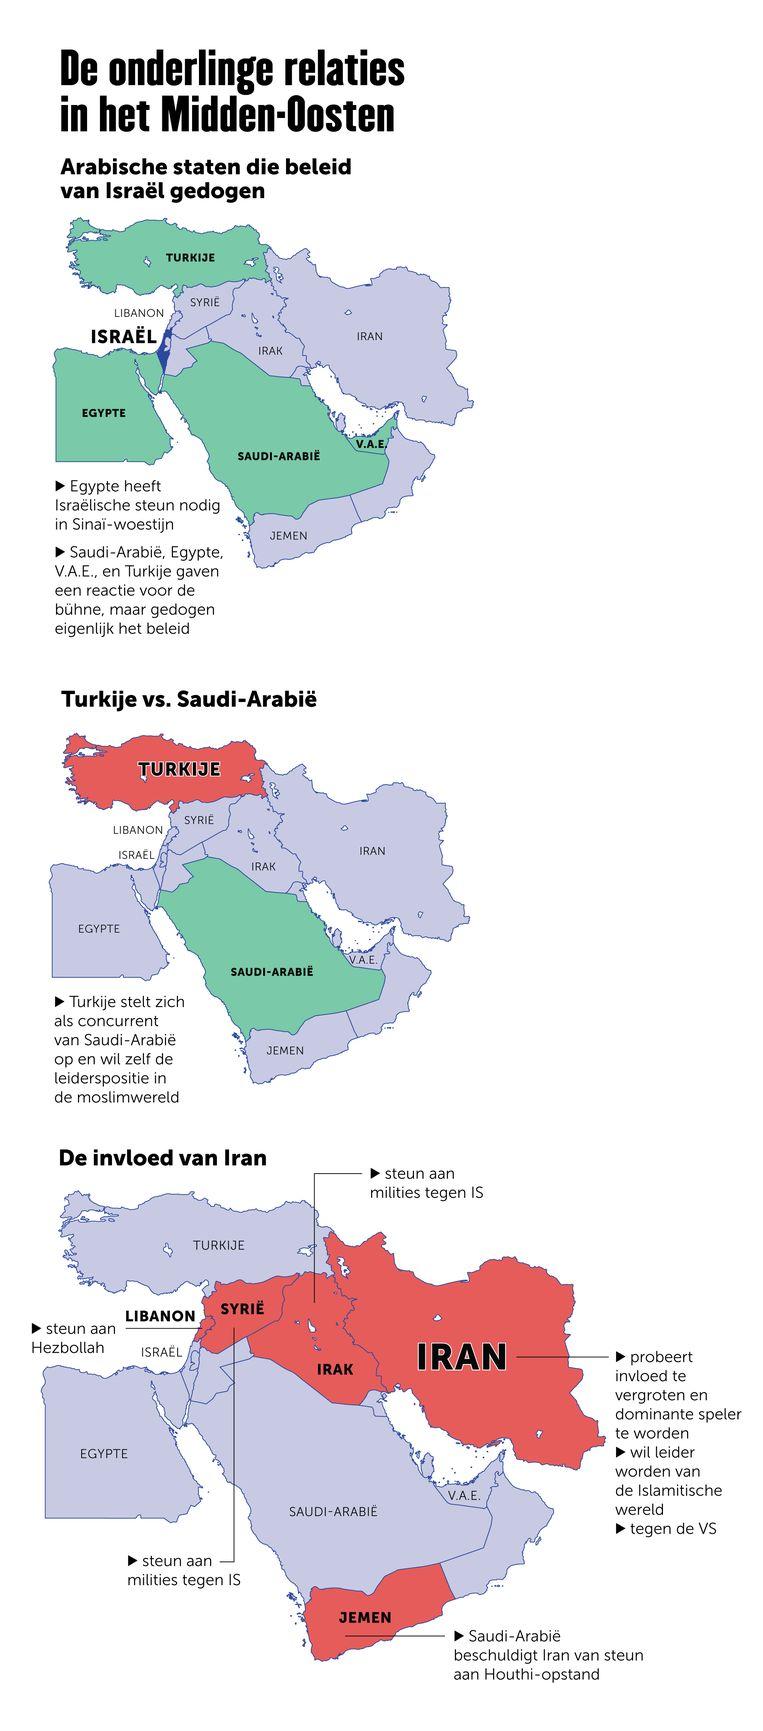 De onderlinge relaties in het Midden-Oosten. Beeld Bart Hebben